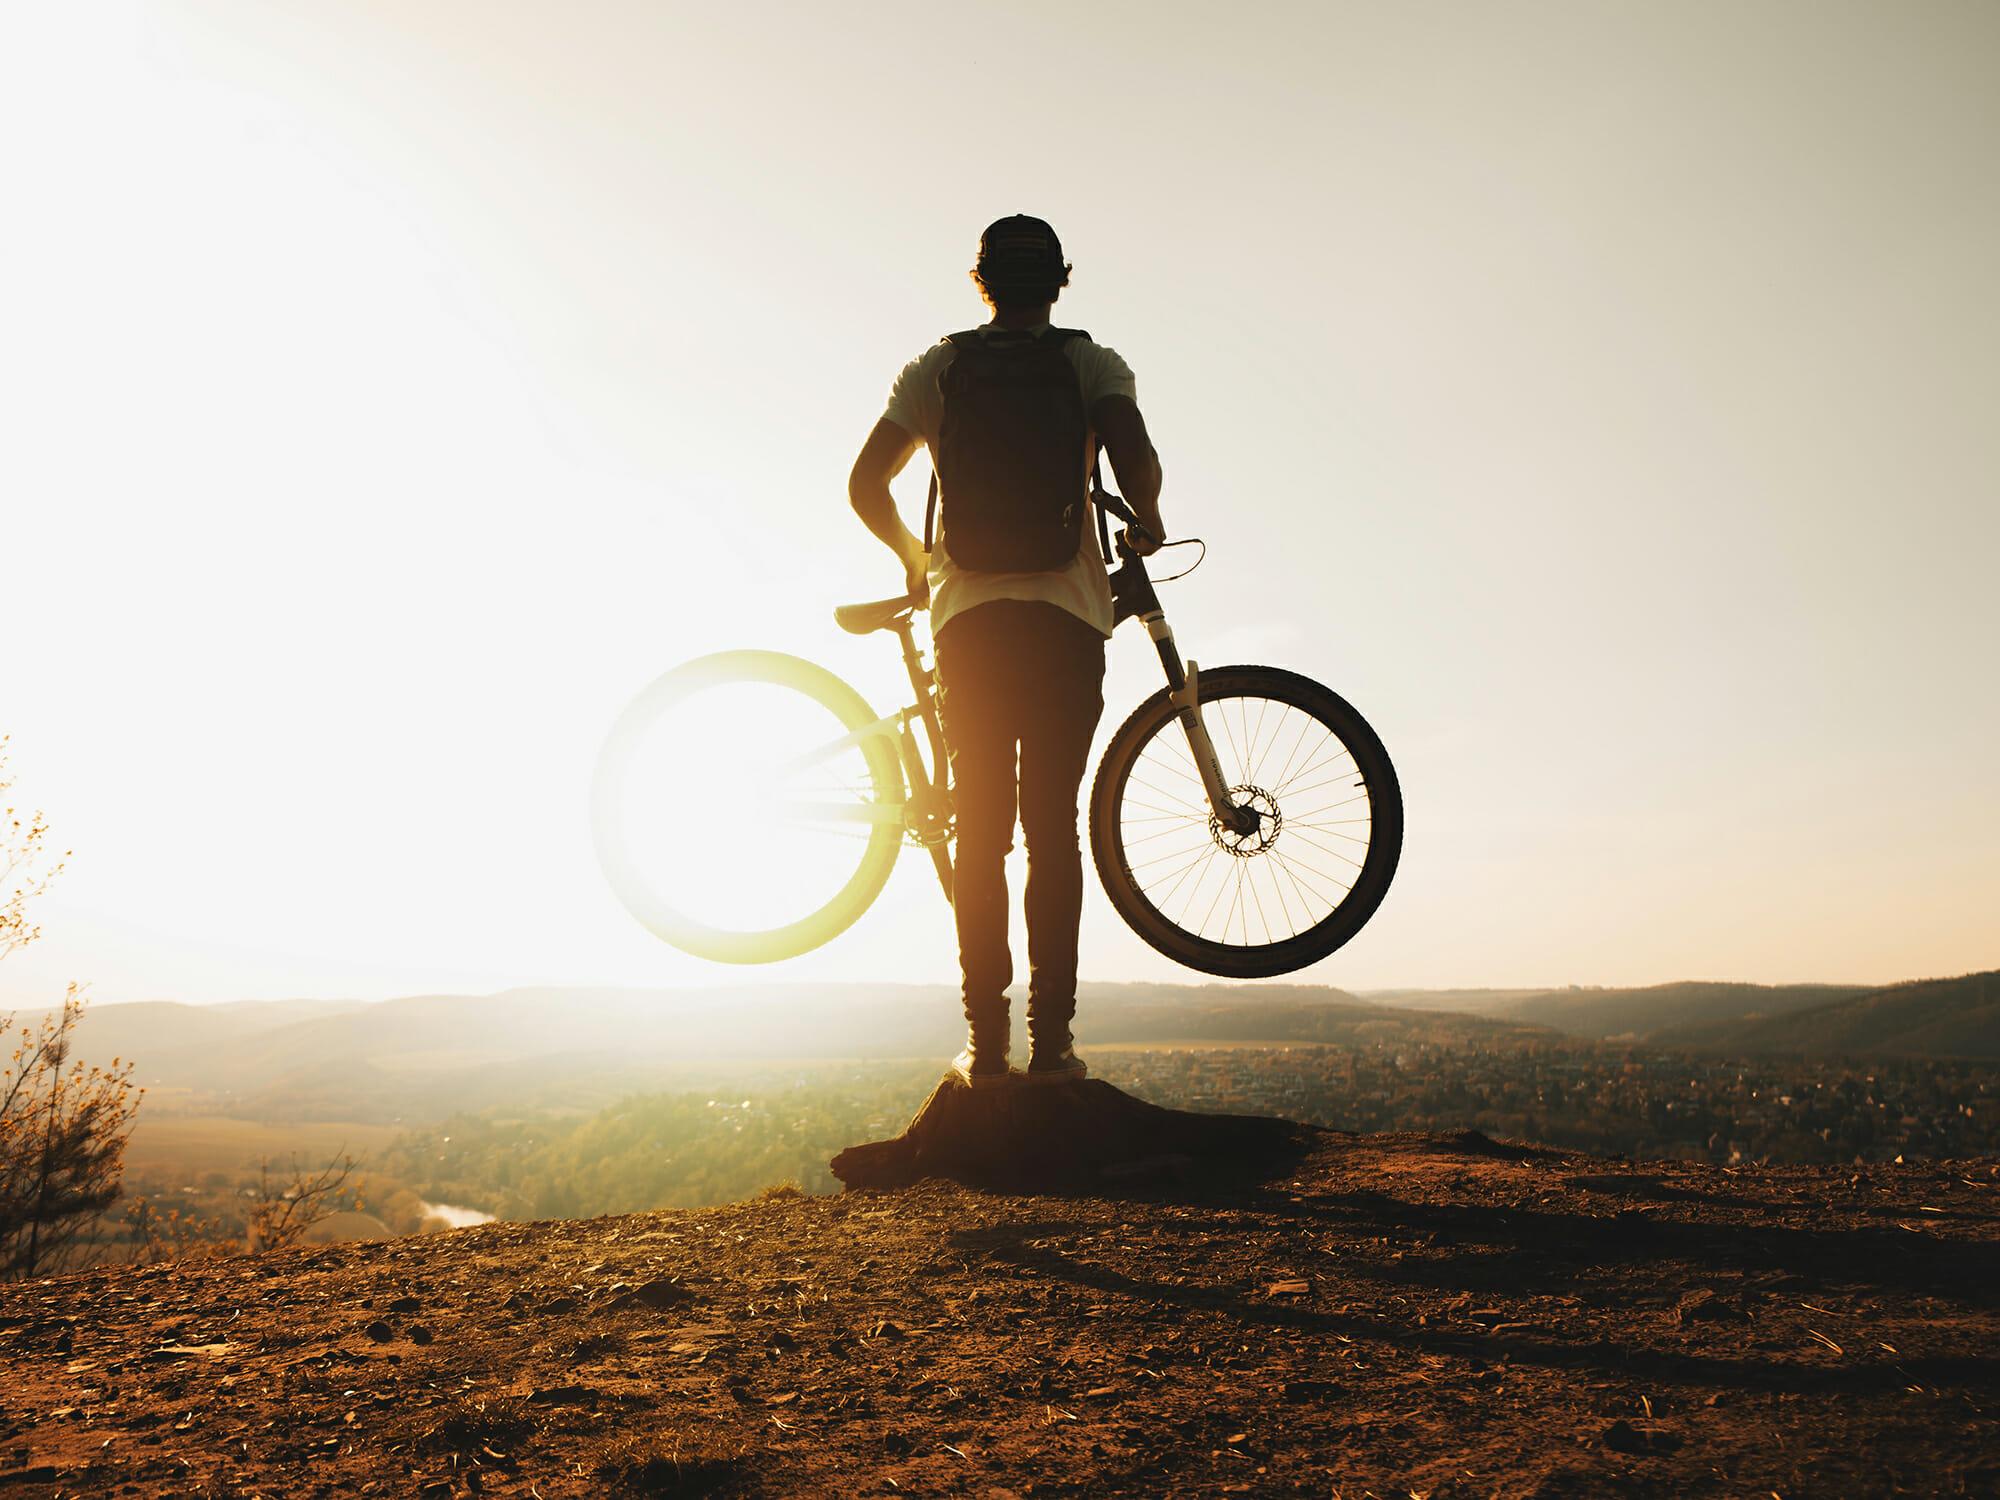 朝日を浴びながらマウンテンバイクを抱える青年